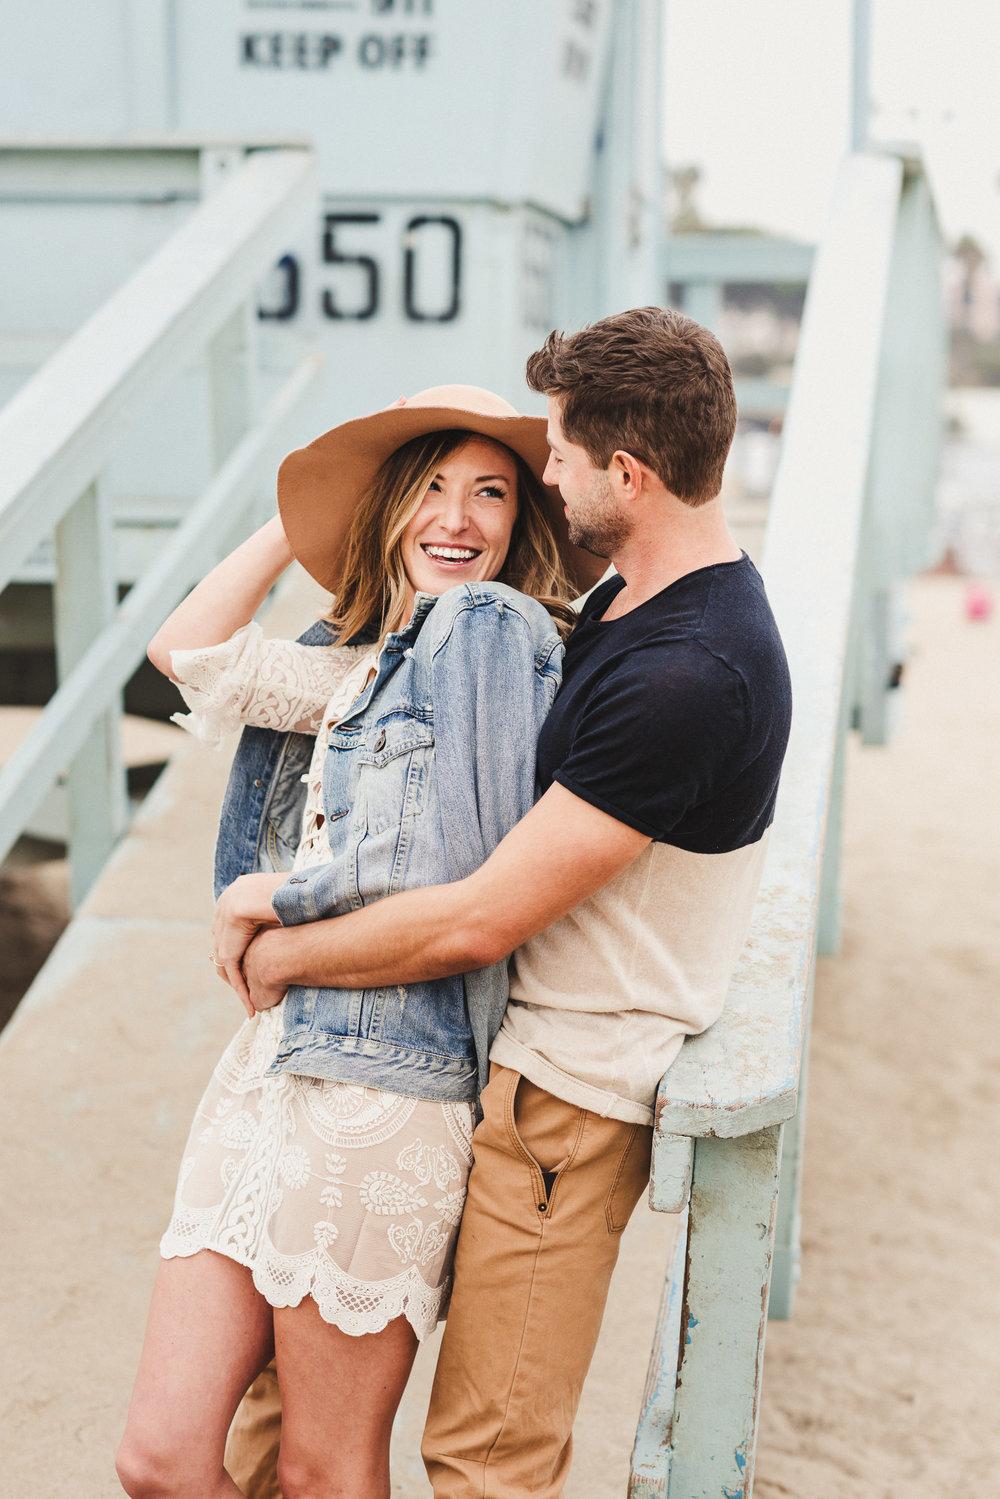 sKate + Danny - Engagement, Santa Monica-40.jpg